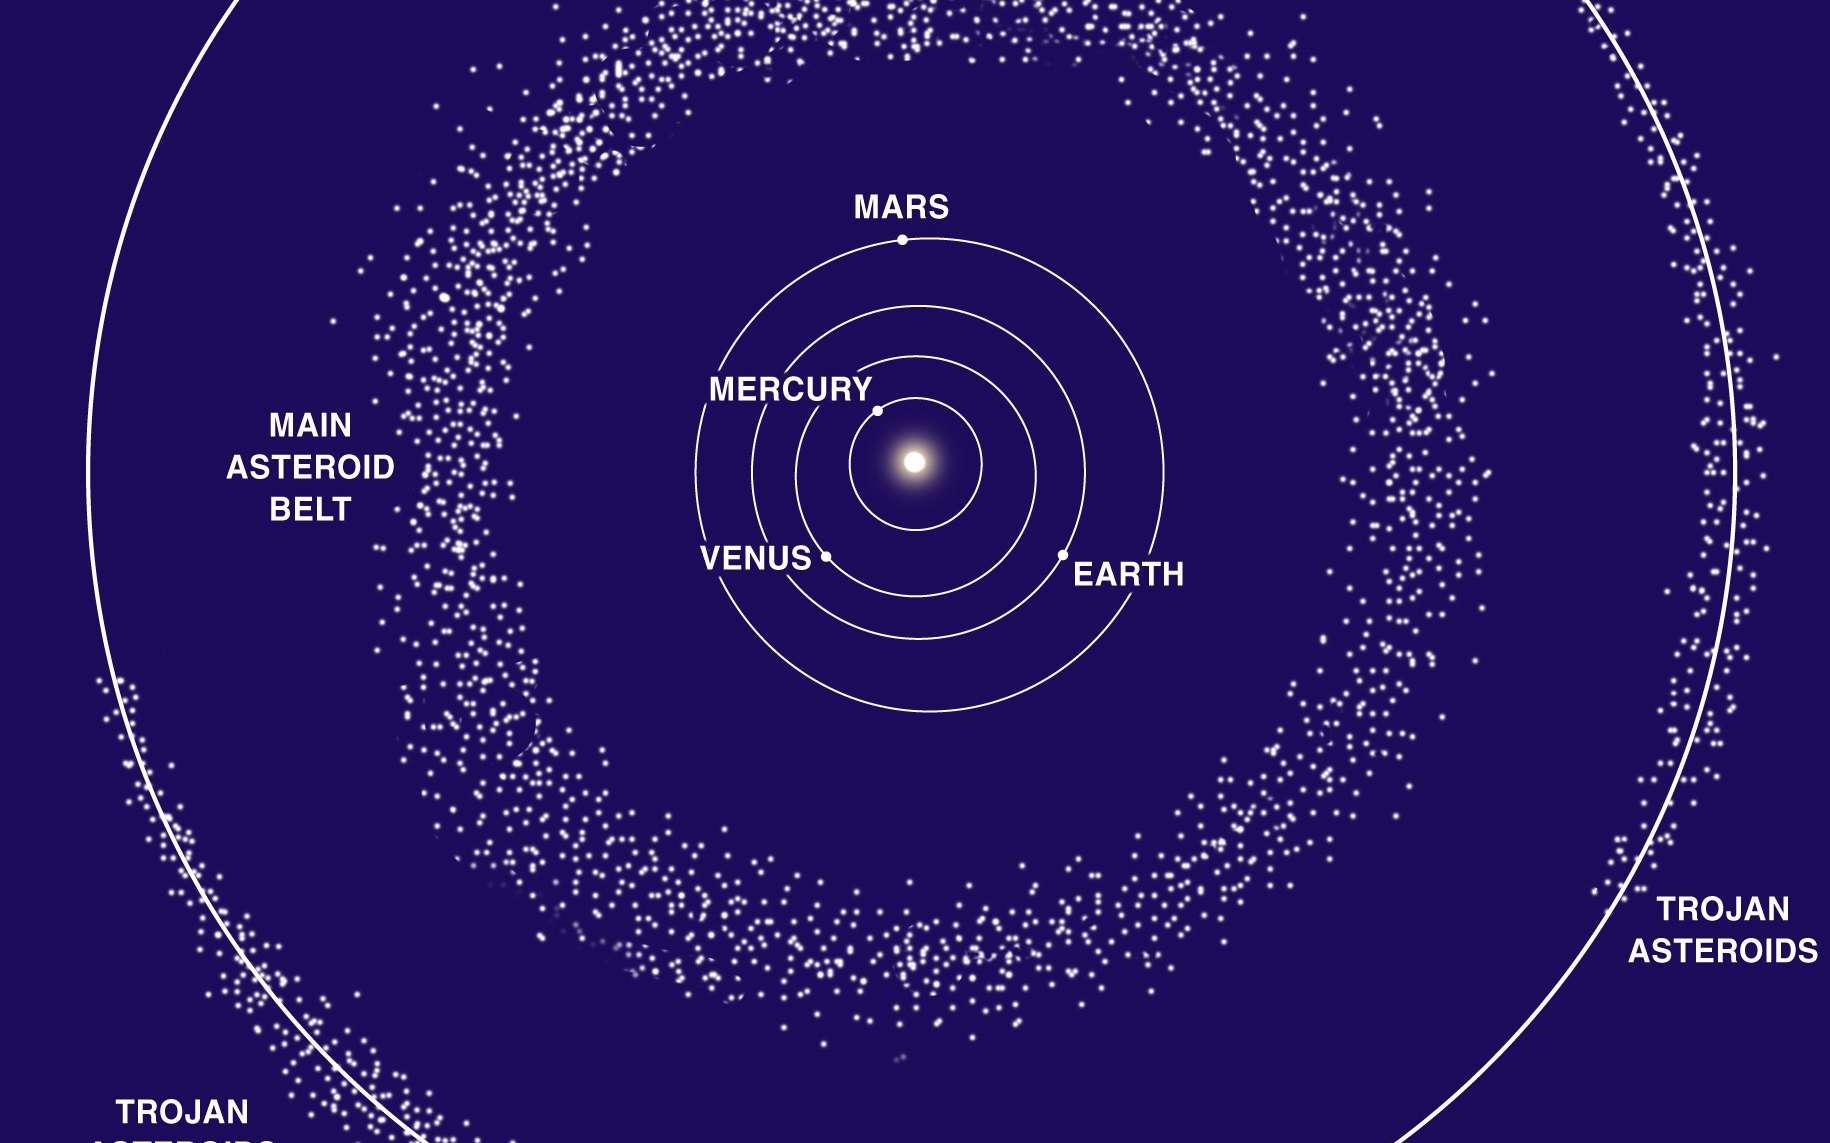 La ceinture d'astéroïdes entre Mars et Jupiter. Crédits DR